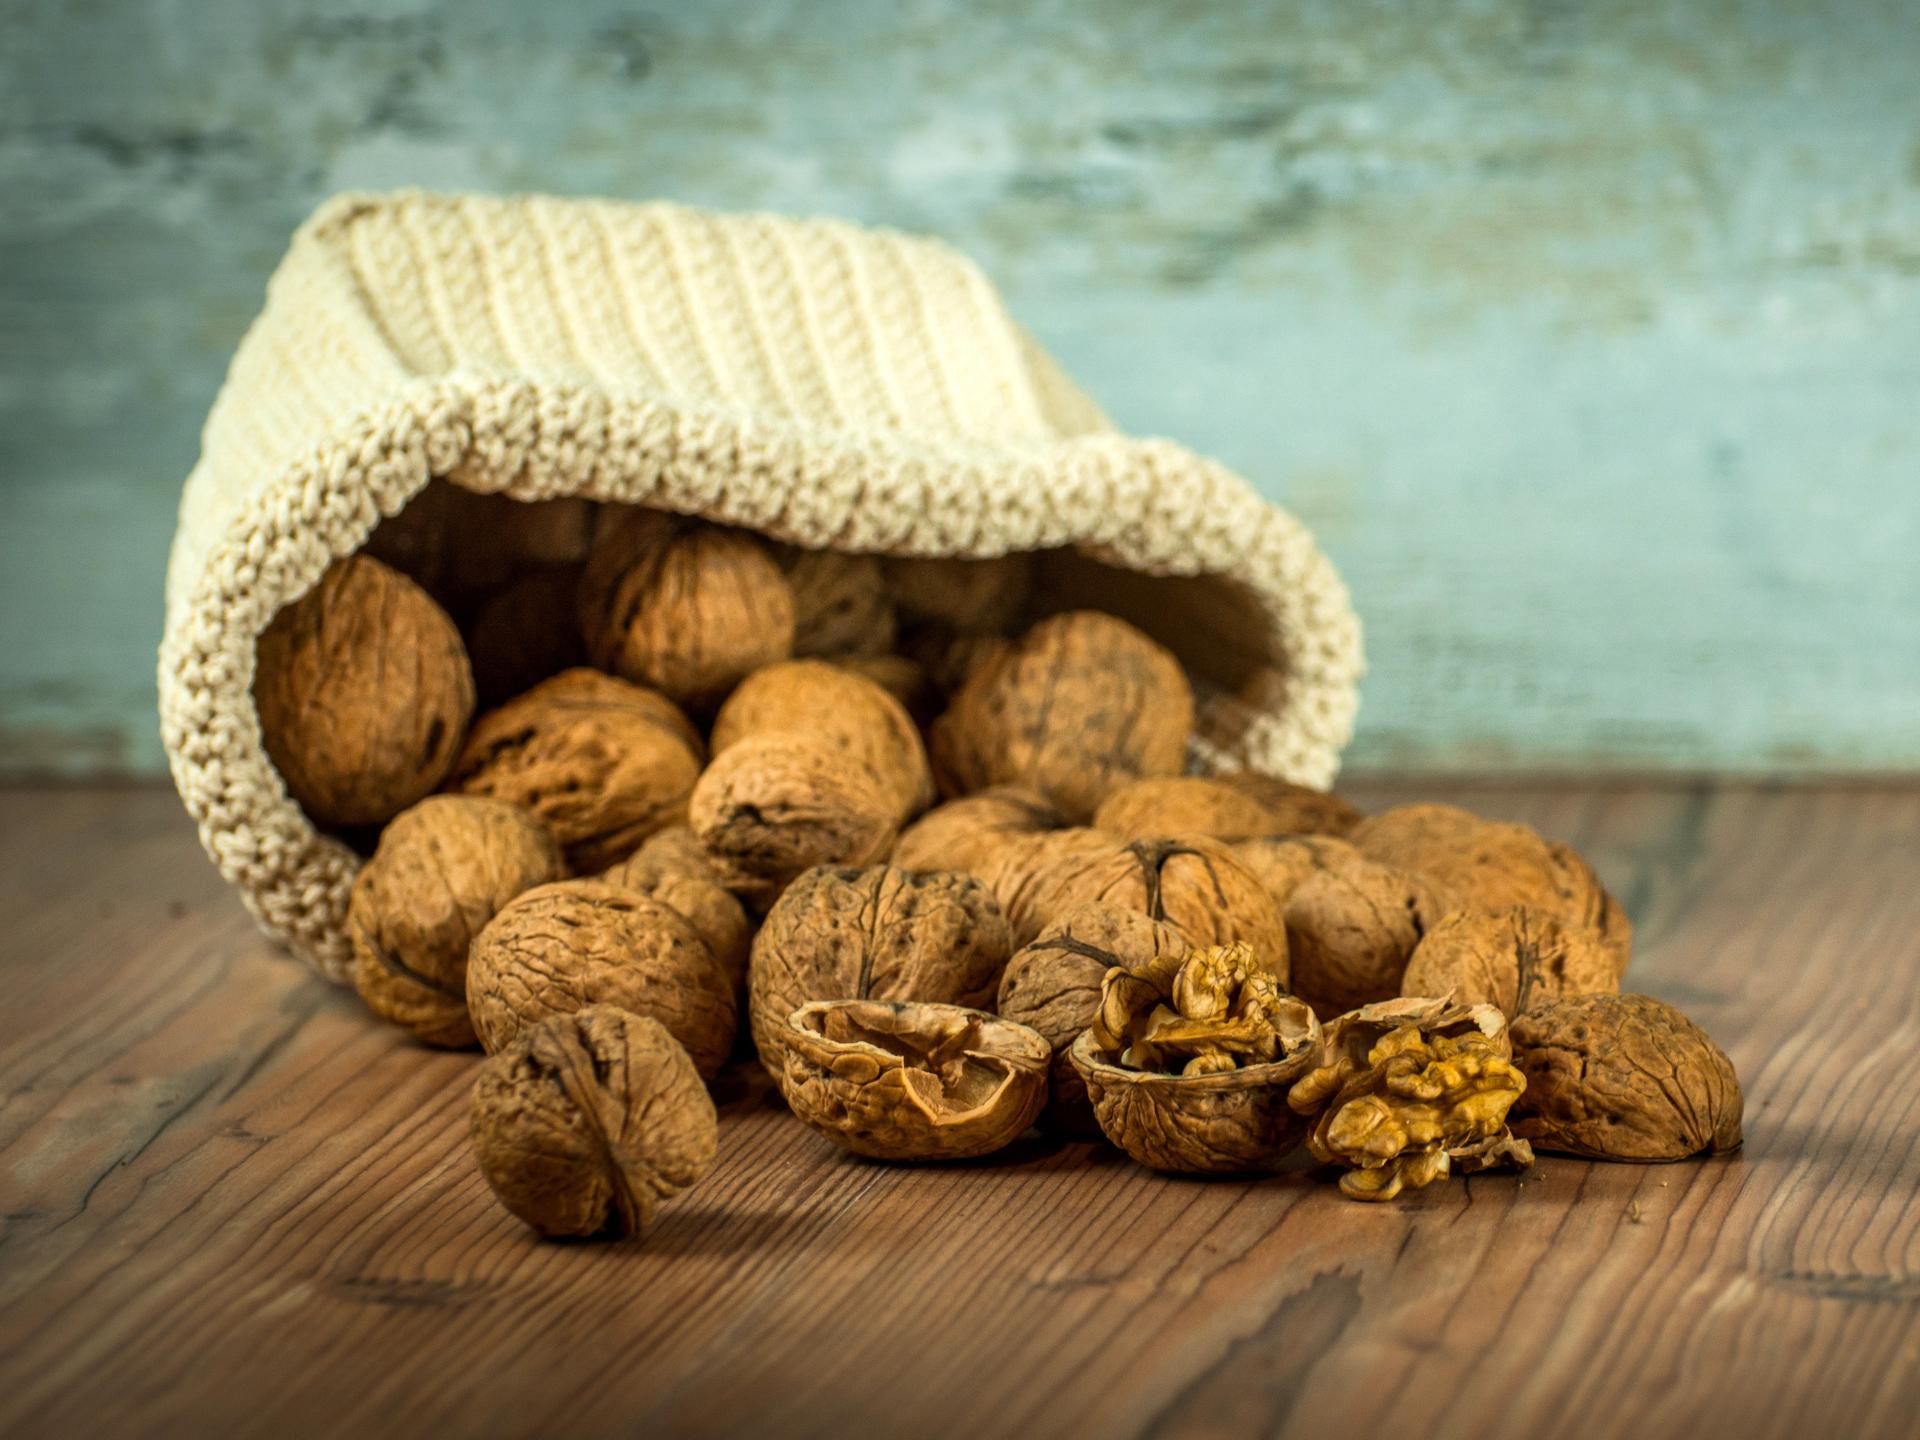 Walnüsse schmecken nicht nur gut, sie sind auch Nerven- und Hirnnahrung und liefern wichtiges Vitamin B. - Photocredit: pixabay.com/LubosHouska